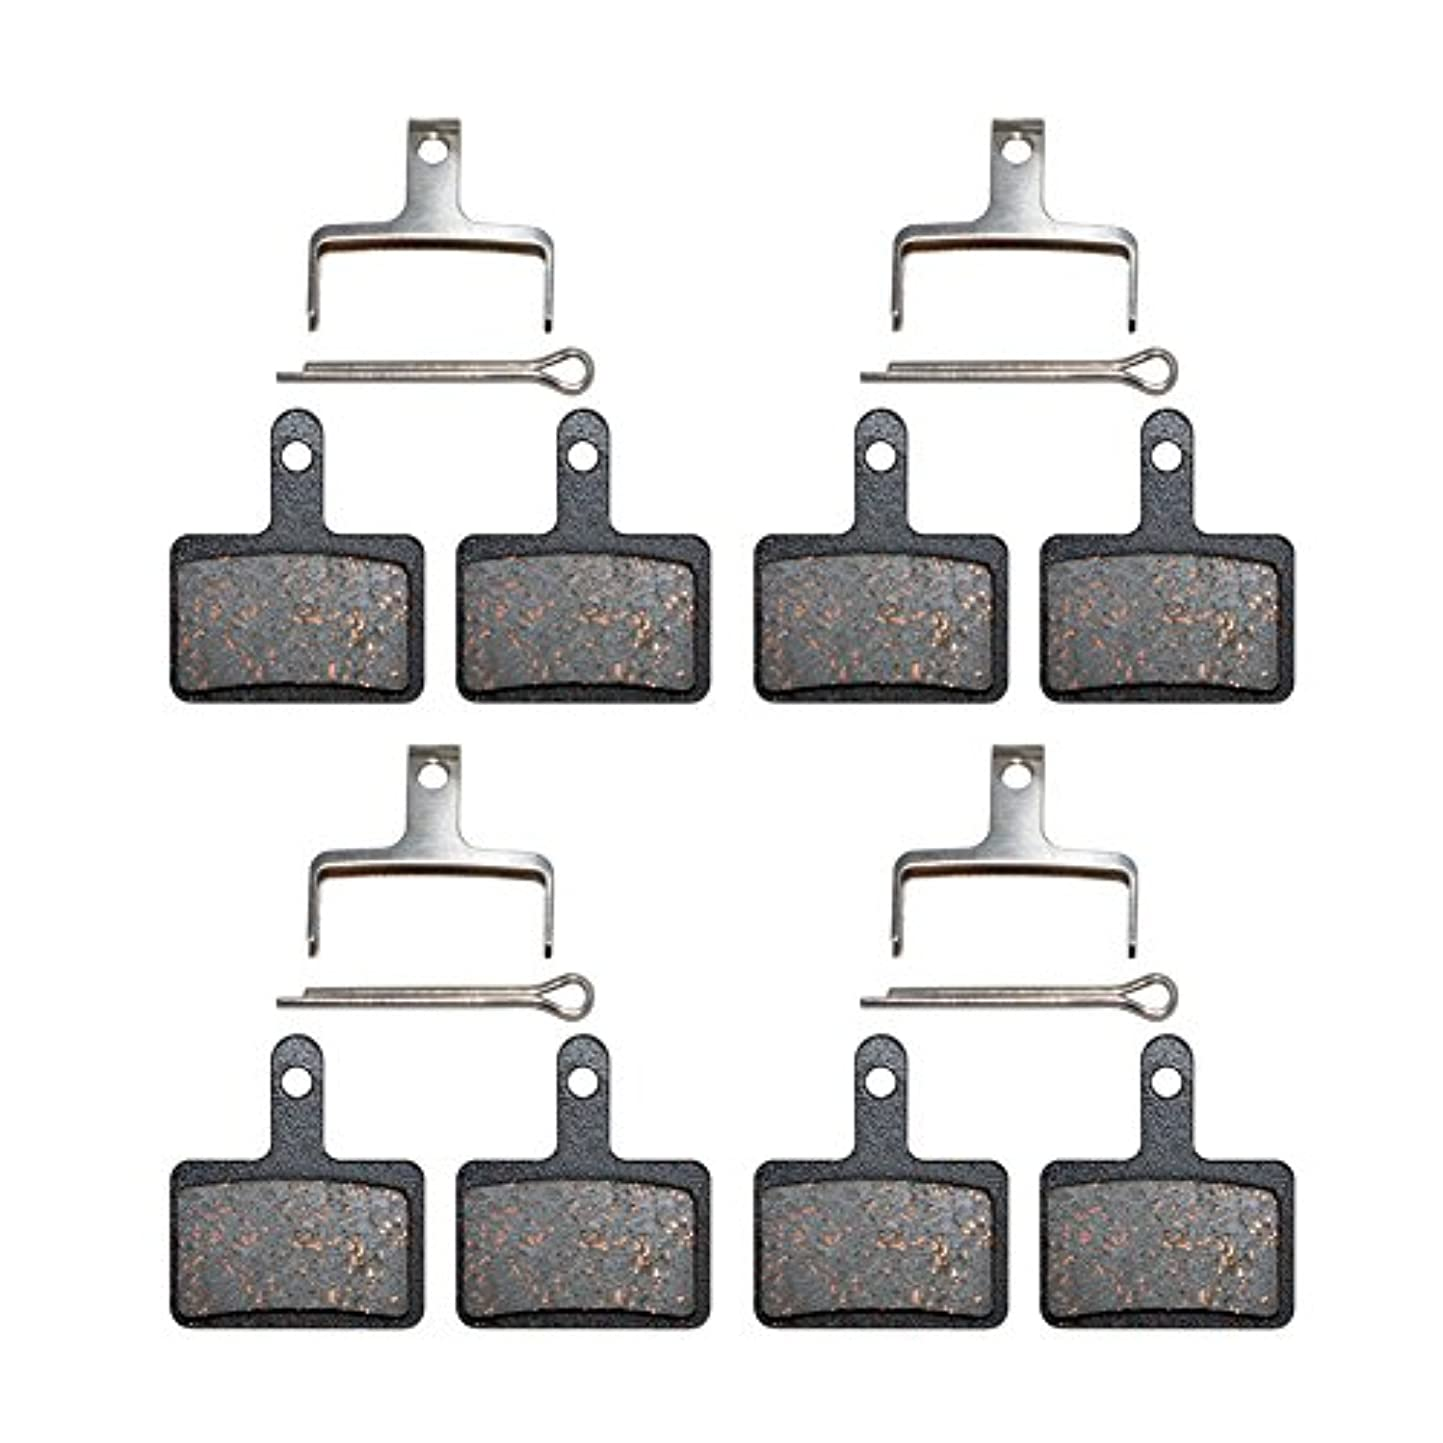 苦延期する延期する自転車 ディスクブレーキパッド シマノ M375 M395, M415, M416, M416A, M445 M446 M447 M465 M475 M485 自転車パーツ 騒音低減 互換性 耐久